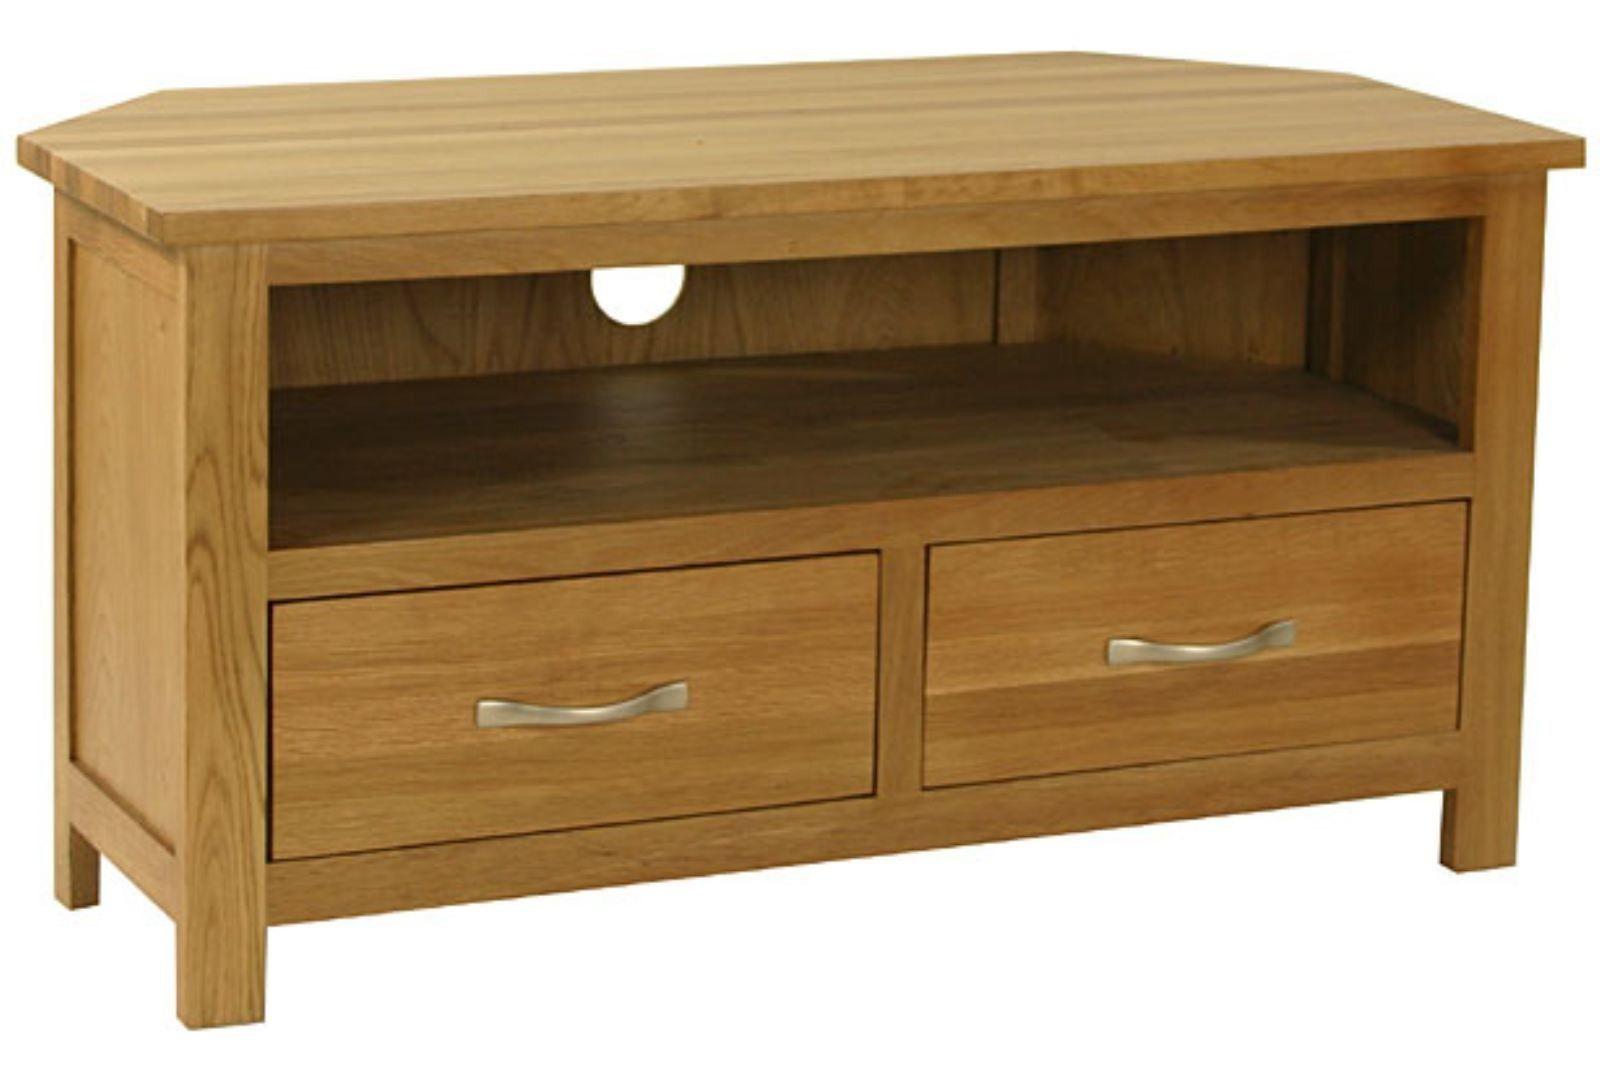 55 Corner Tv Cabinet Oak Backsplash For Kitchen Ideas Check More At Http Www Planetgreenspot Com 50 C Oak Corner Tv Unit Corner Tv Unit Corner Tv Cabinets